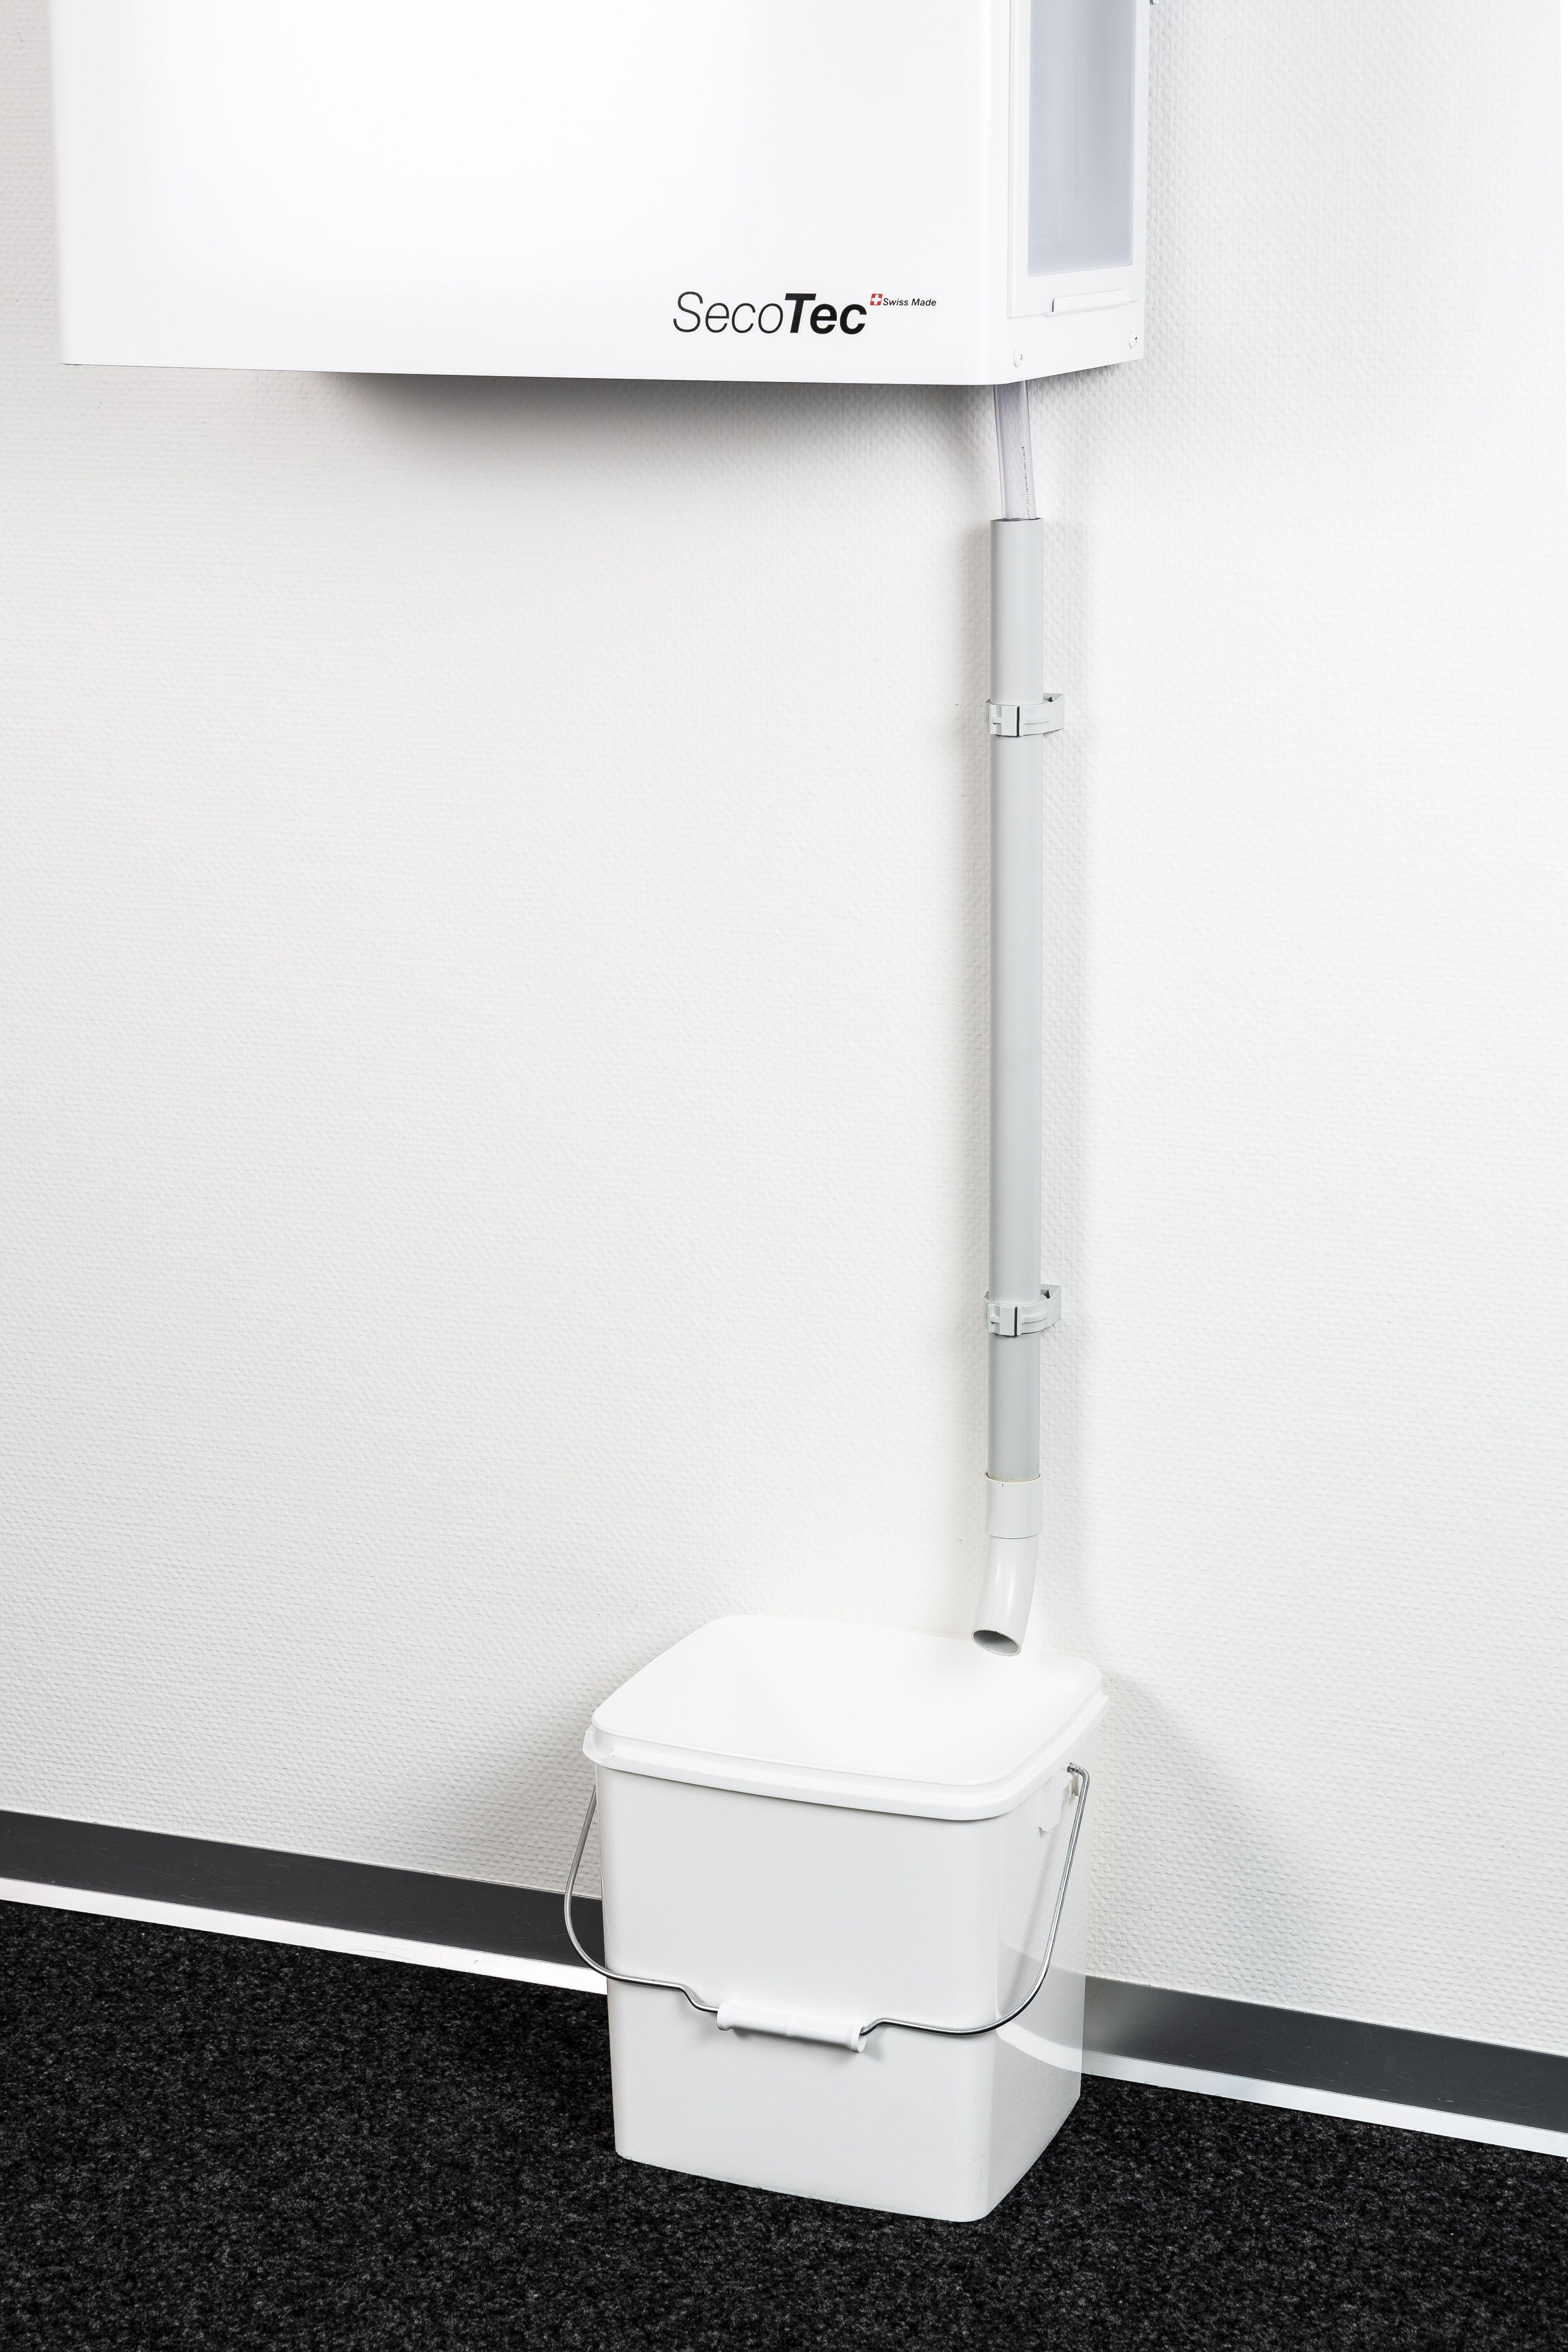 Pin Von Lubra Auf Raumluftwaschetrockner Ablaufgarnitur Wasserbehalter Wasche